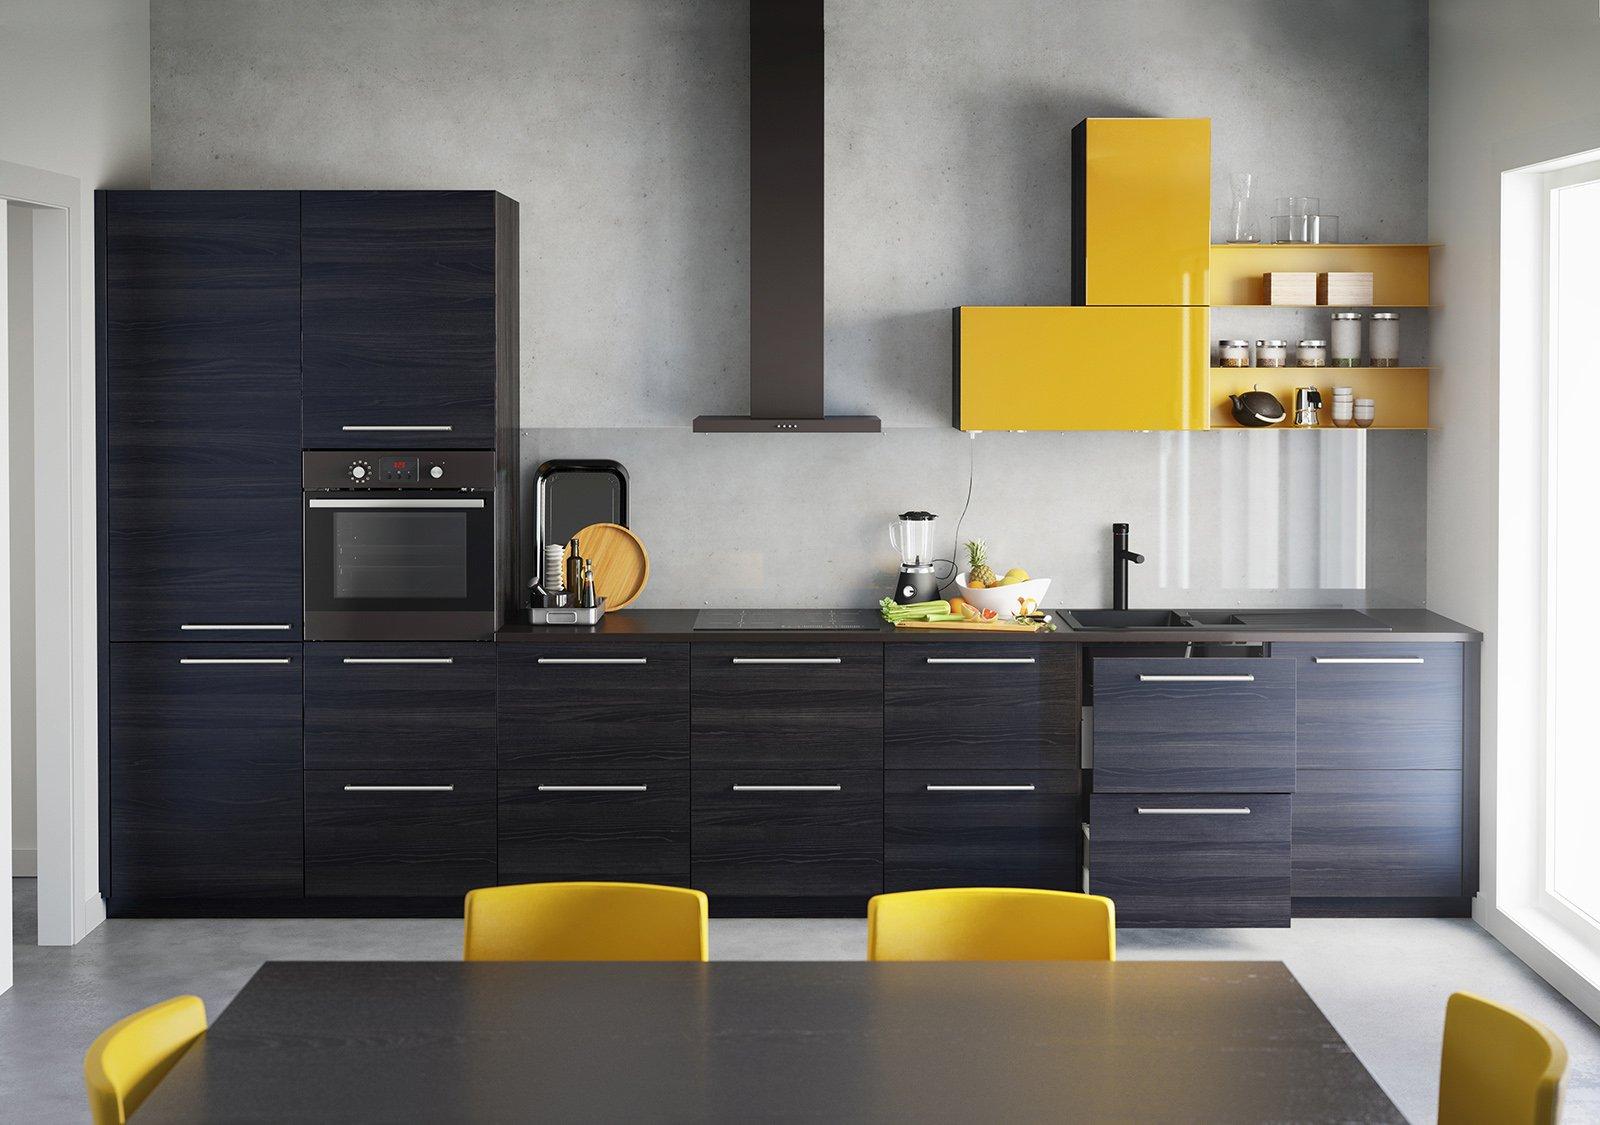 Cucina ad angolo usata : cucina ad angolo usata. cucine a angolo ...